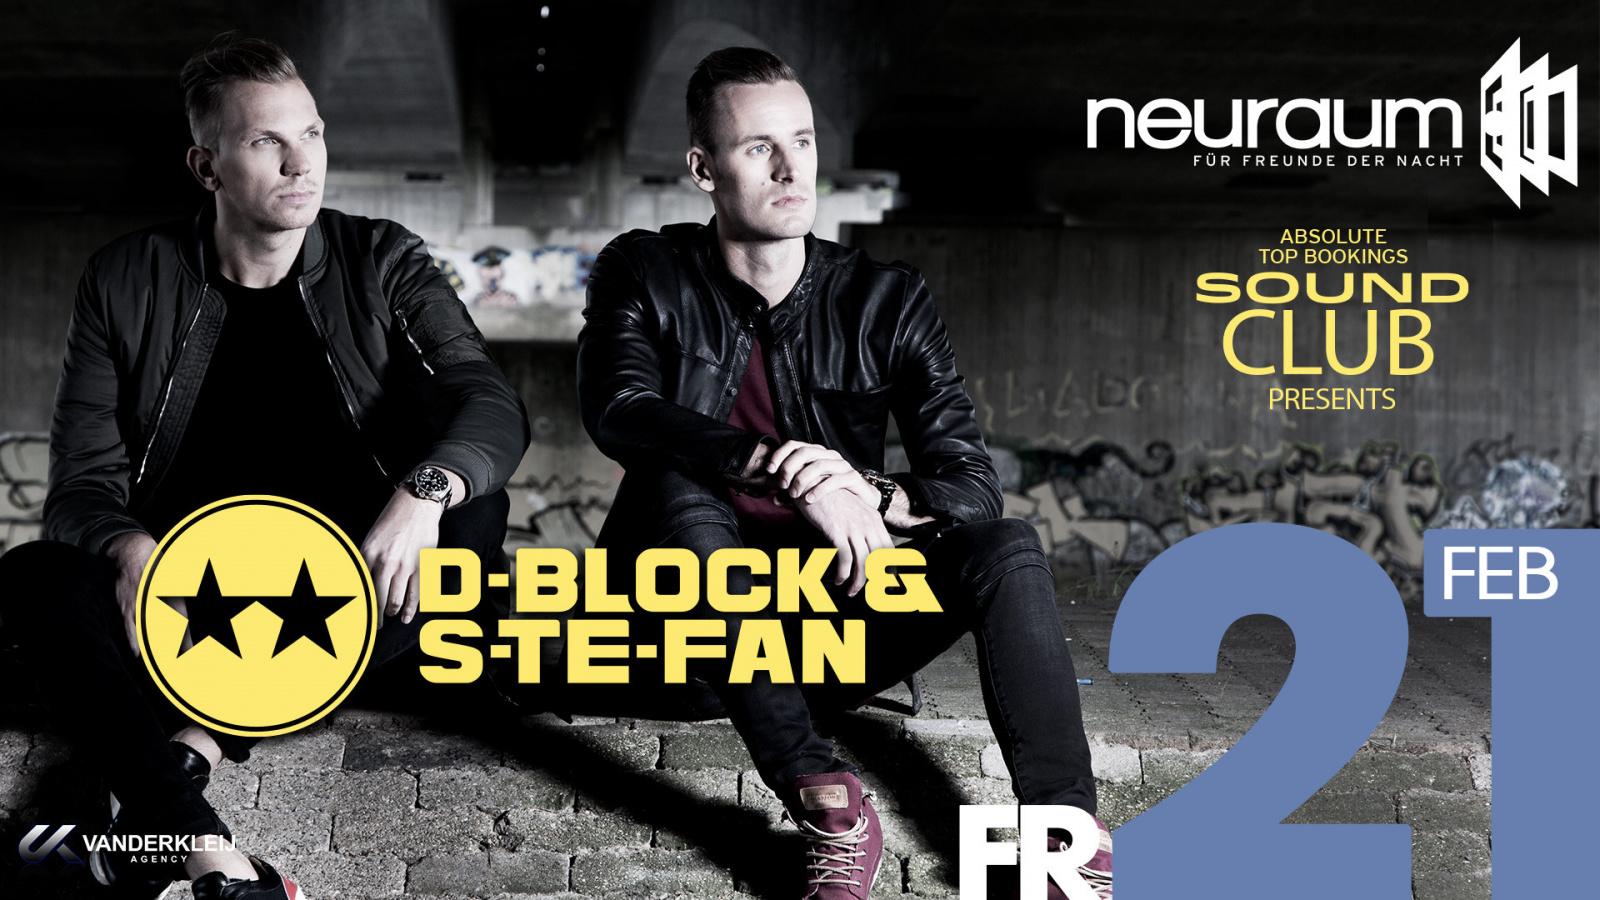 Soundclub pres. D-BLOCK & S-TE-FAN